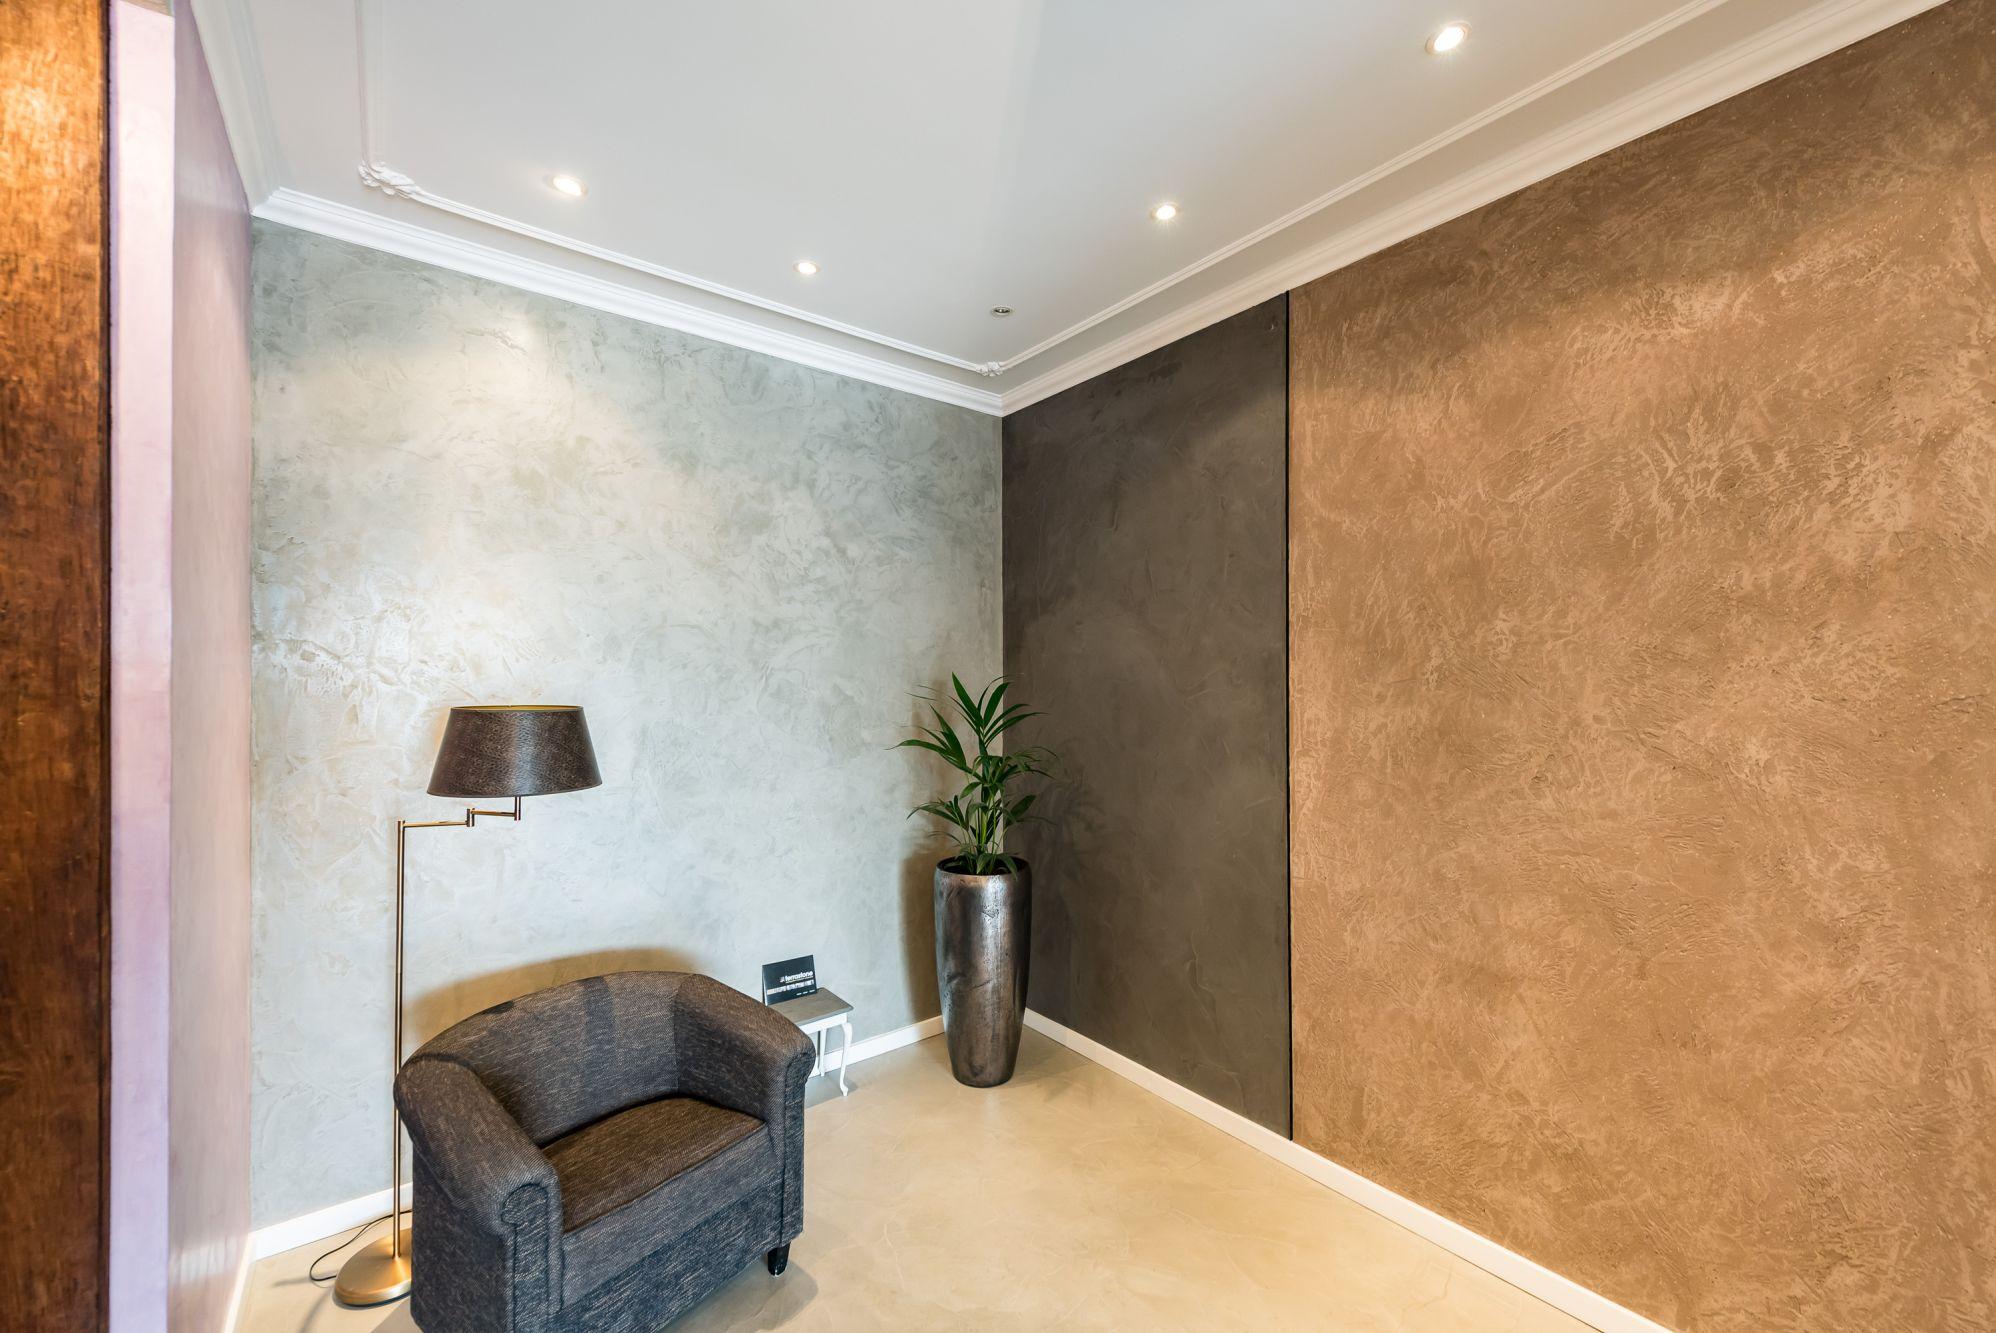 plafond glad stucwerk met lijstwerk en wand terrastone